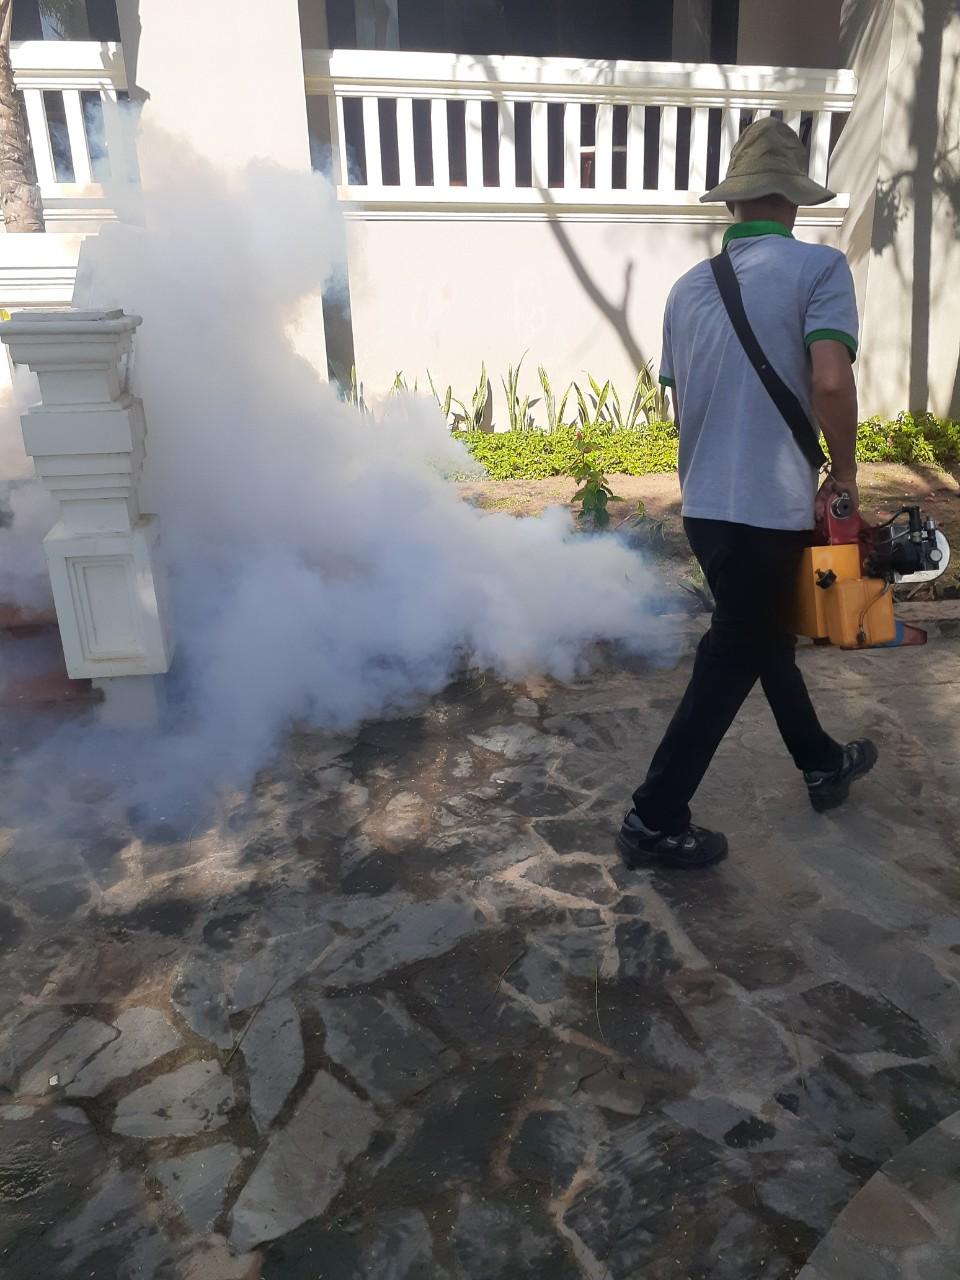 Tiêu diệt côn trùng xung quanh khu vực khách sạn